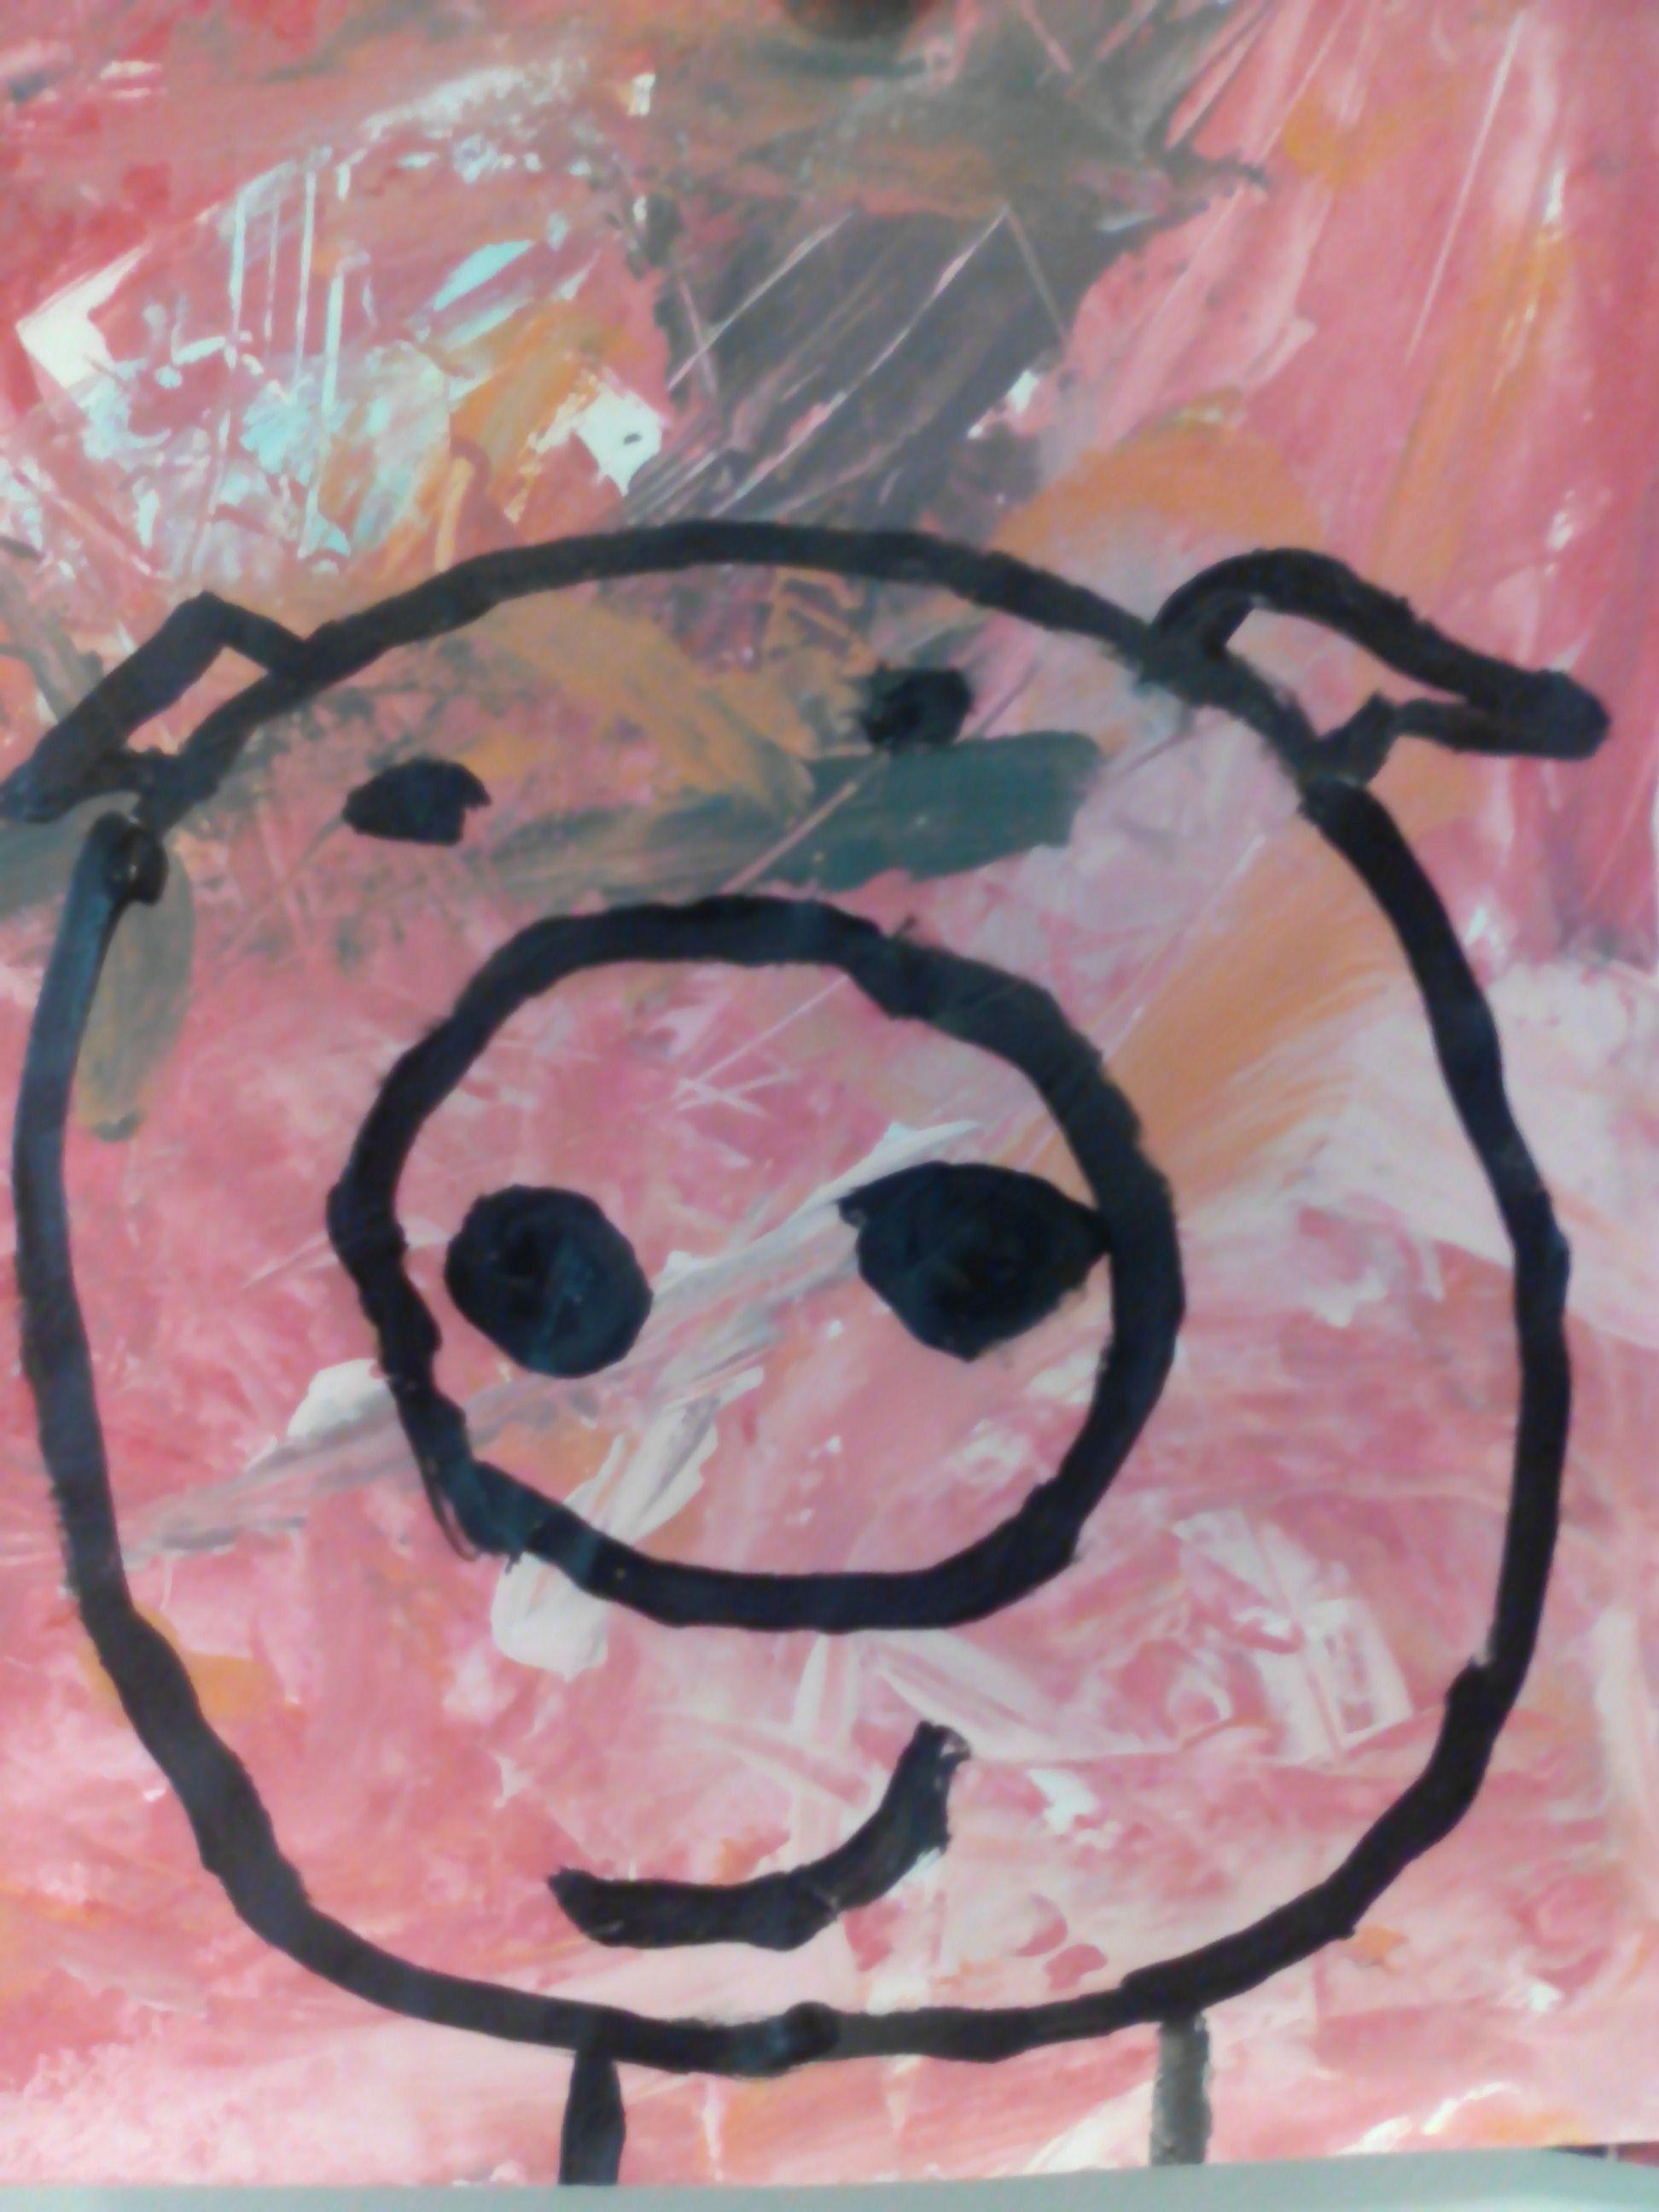 Les Trois Petit Cochons Art Visuel : trois, petit, cochons, visuel, Trois, Petits, Cochons, Peinture, L'eau, Biggetjes,, Thema